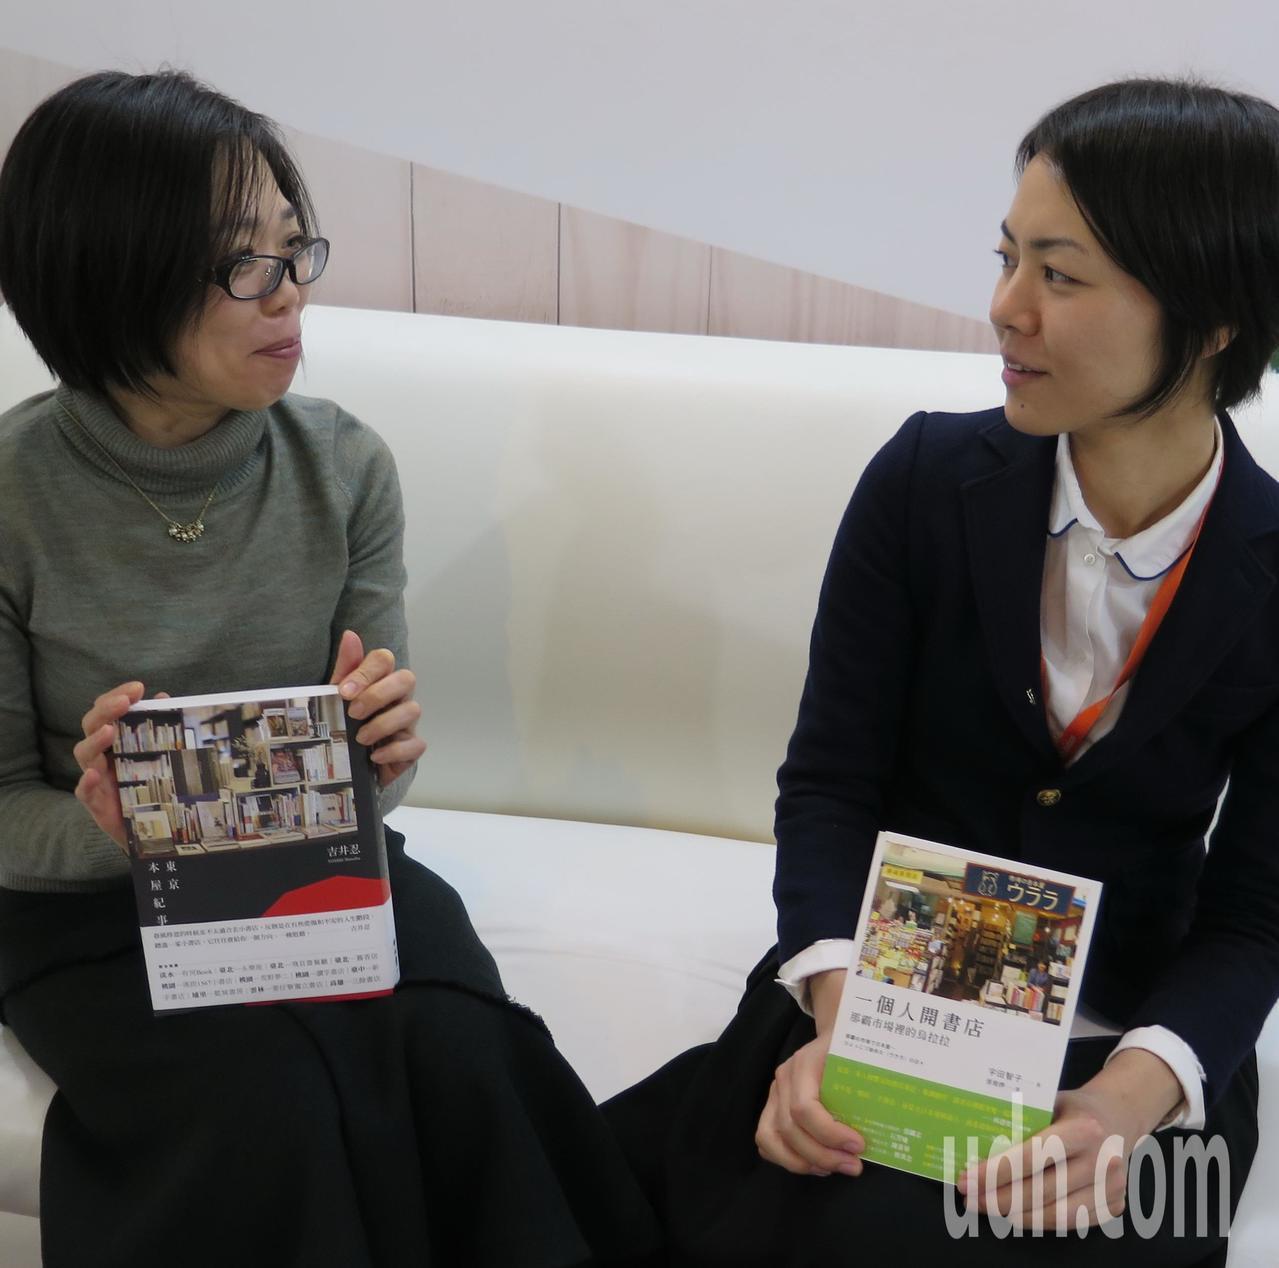 著有《一個人開書店》的「烏拉拉二手書店」負責人宇田智子(右)及《東京本屋紀事》作...